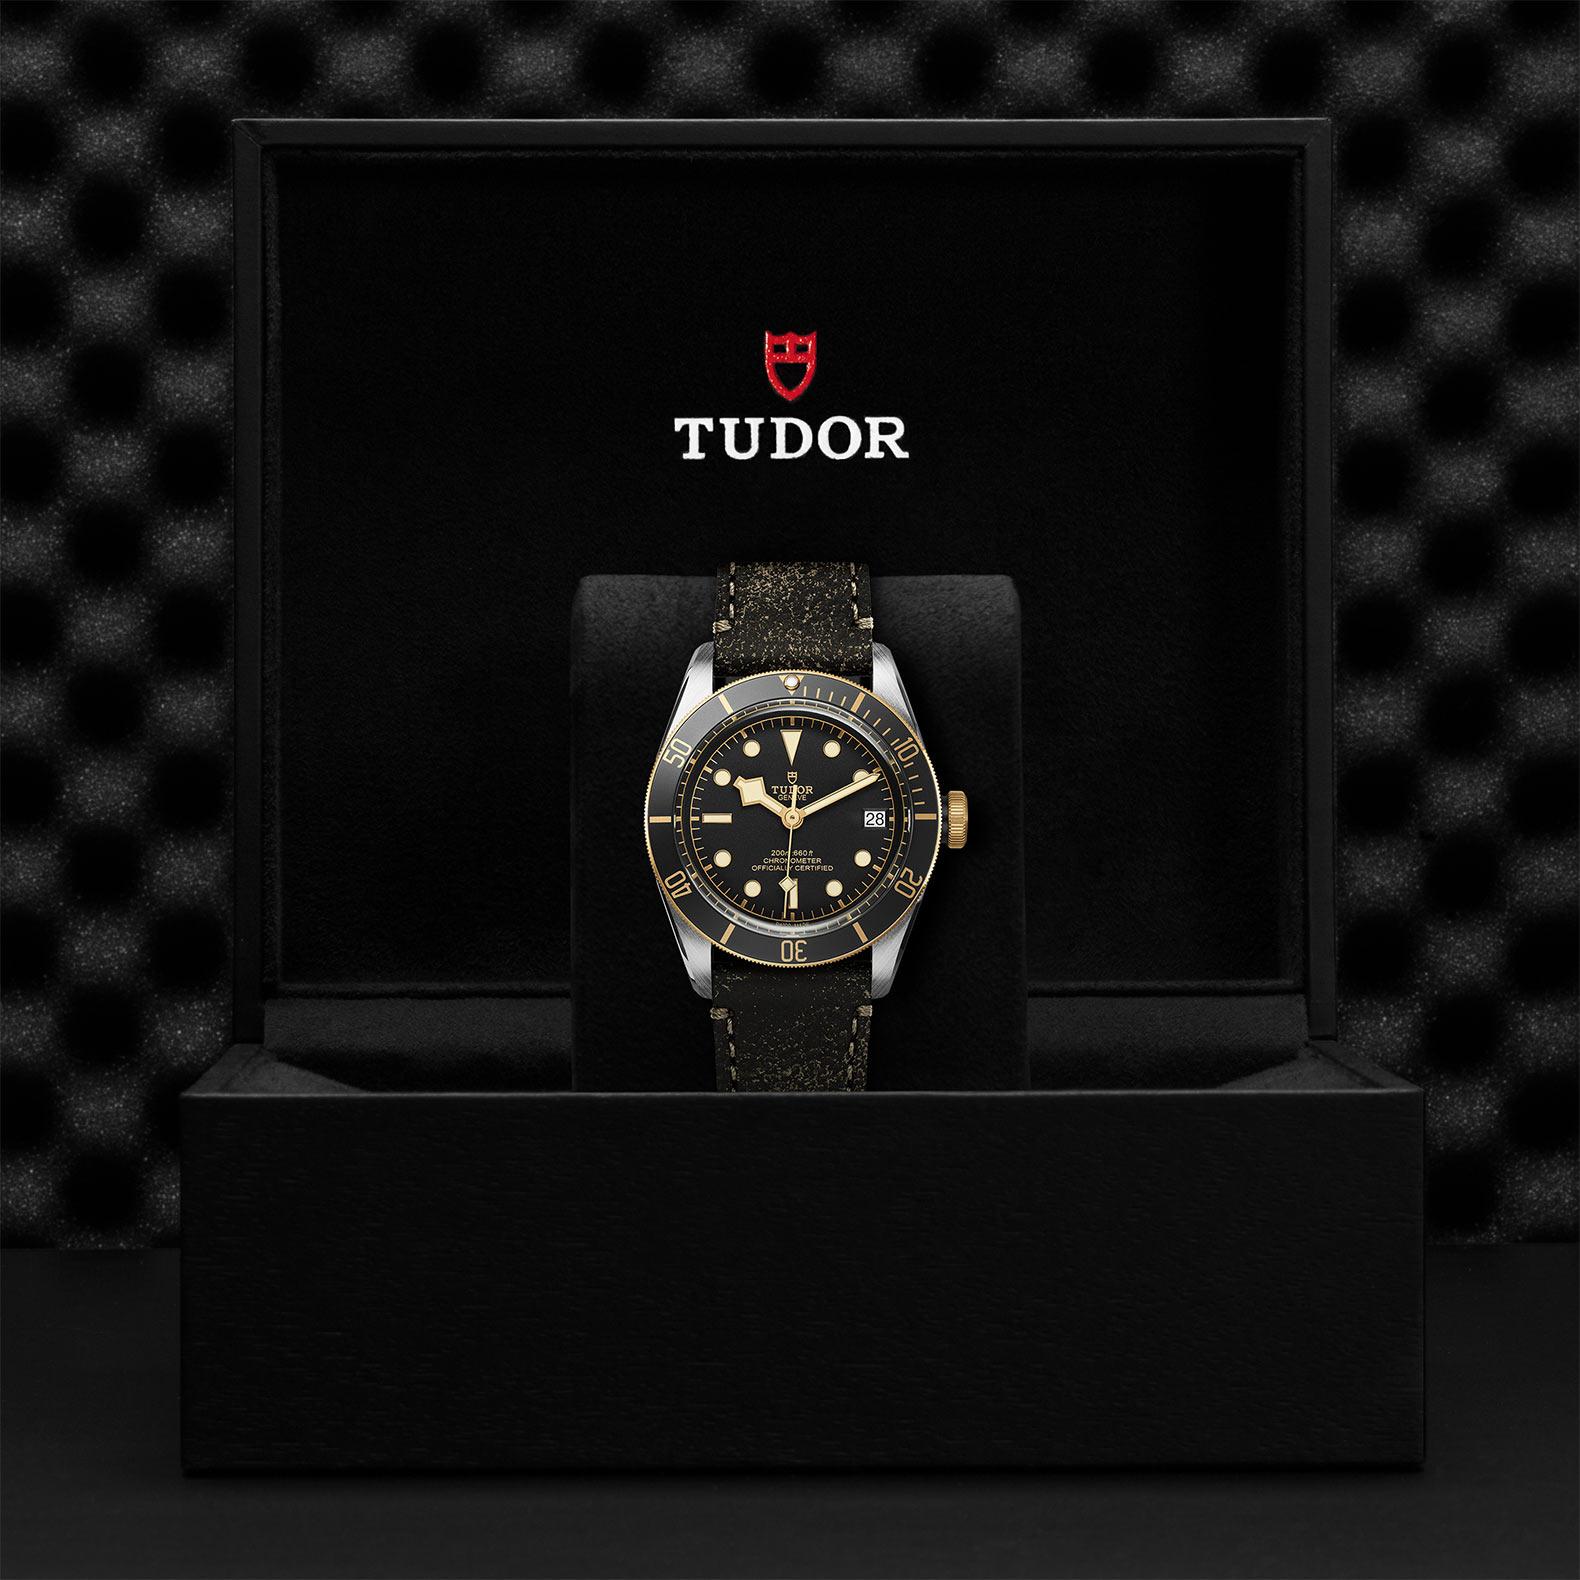 TUDOR Black Bay S&G - M79733N-0007